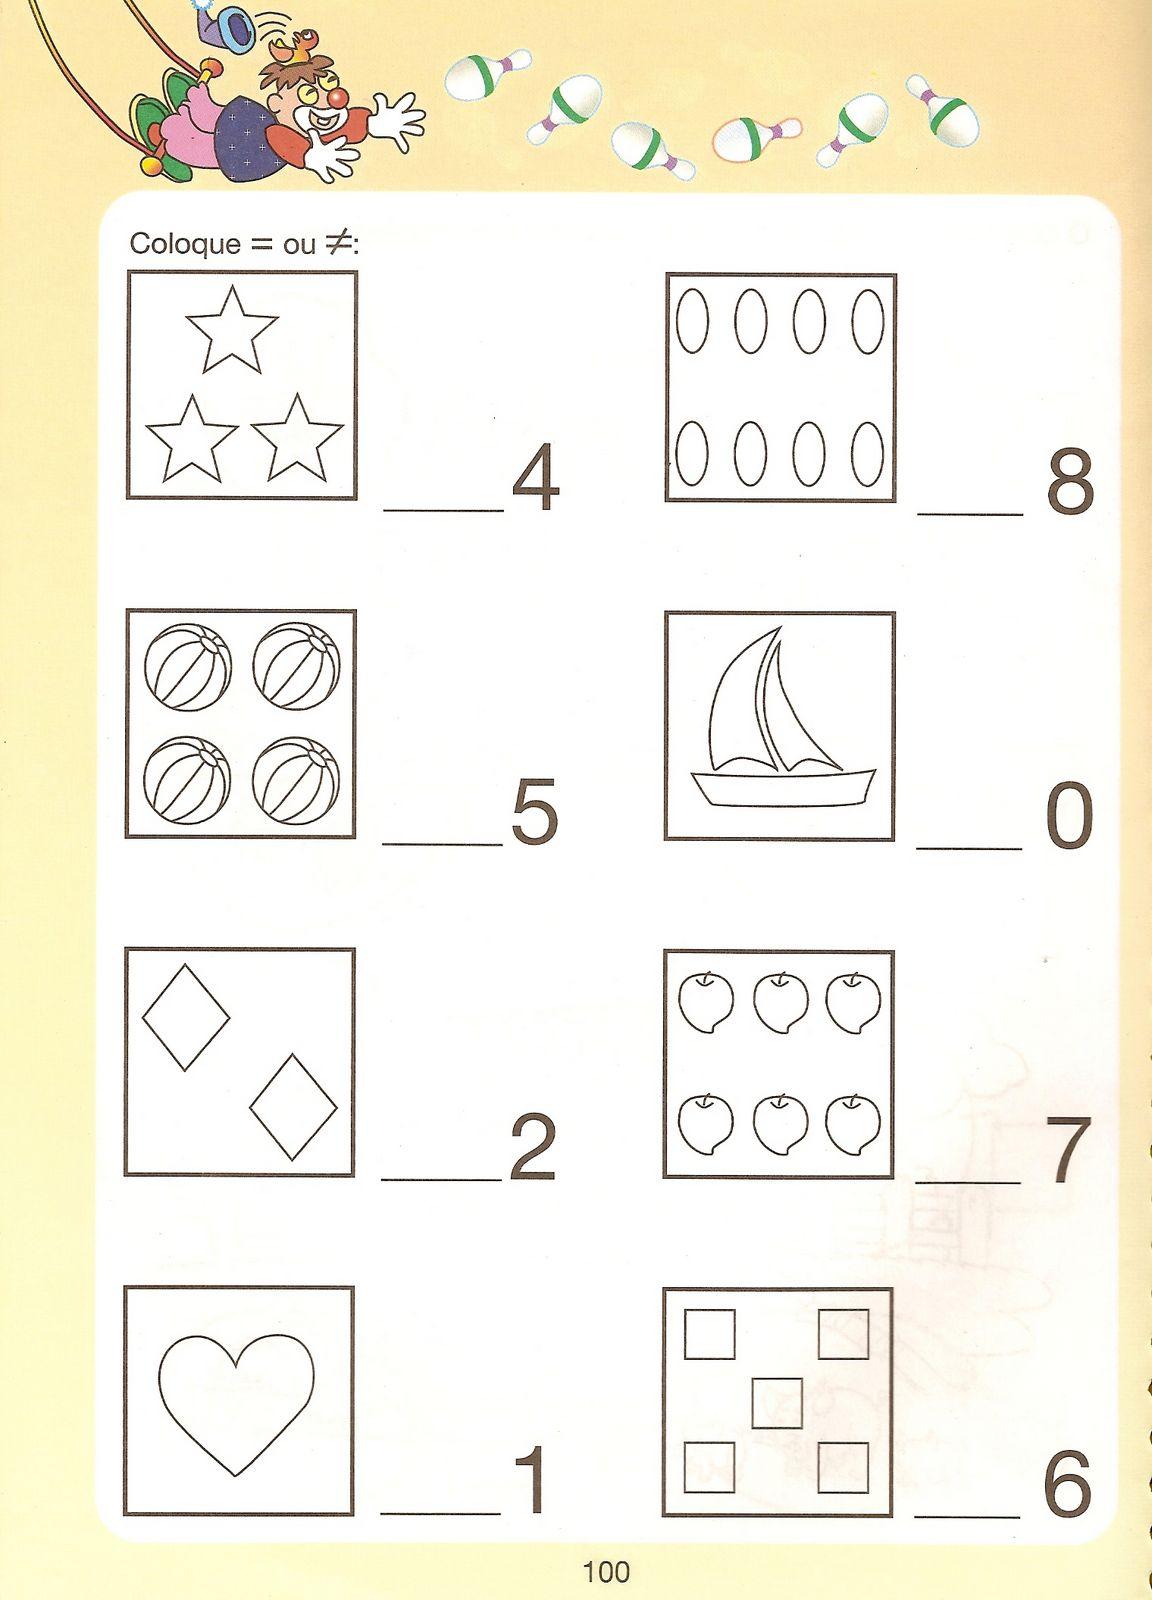 Favoritos MATEMÁTICA - ATIVIDADES MATERNAL EDUCAÇÃO INFANTIL ALFABETIZAÇÃO 5  WG85